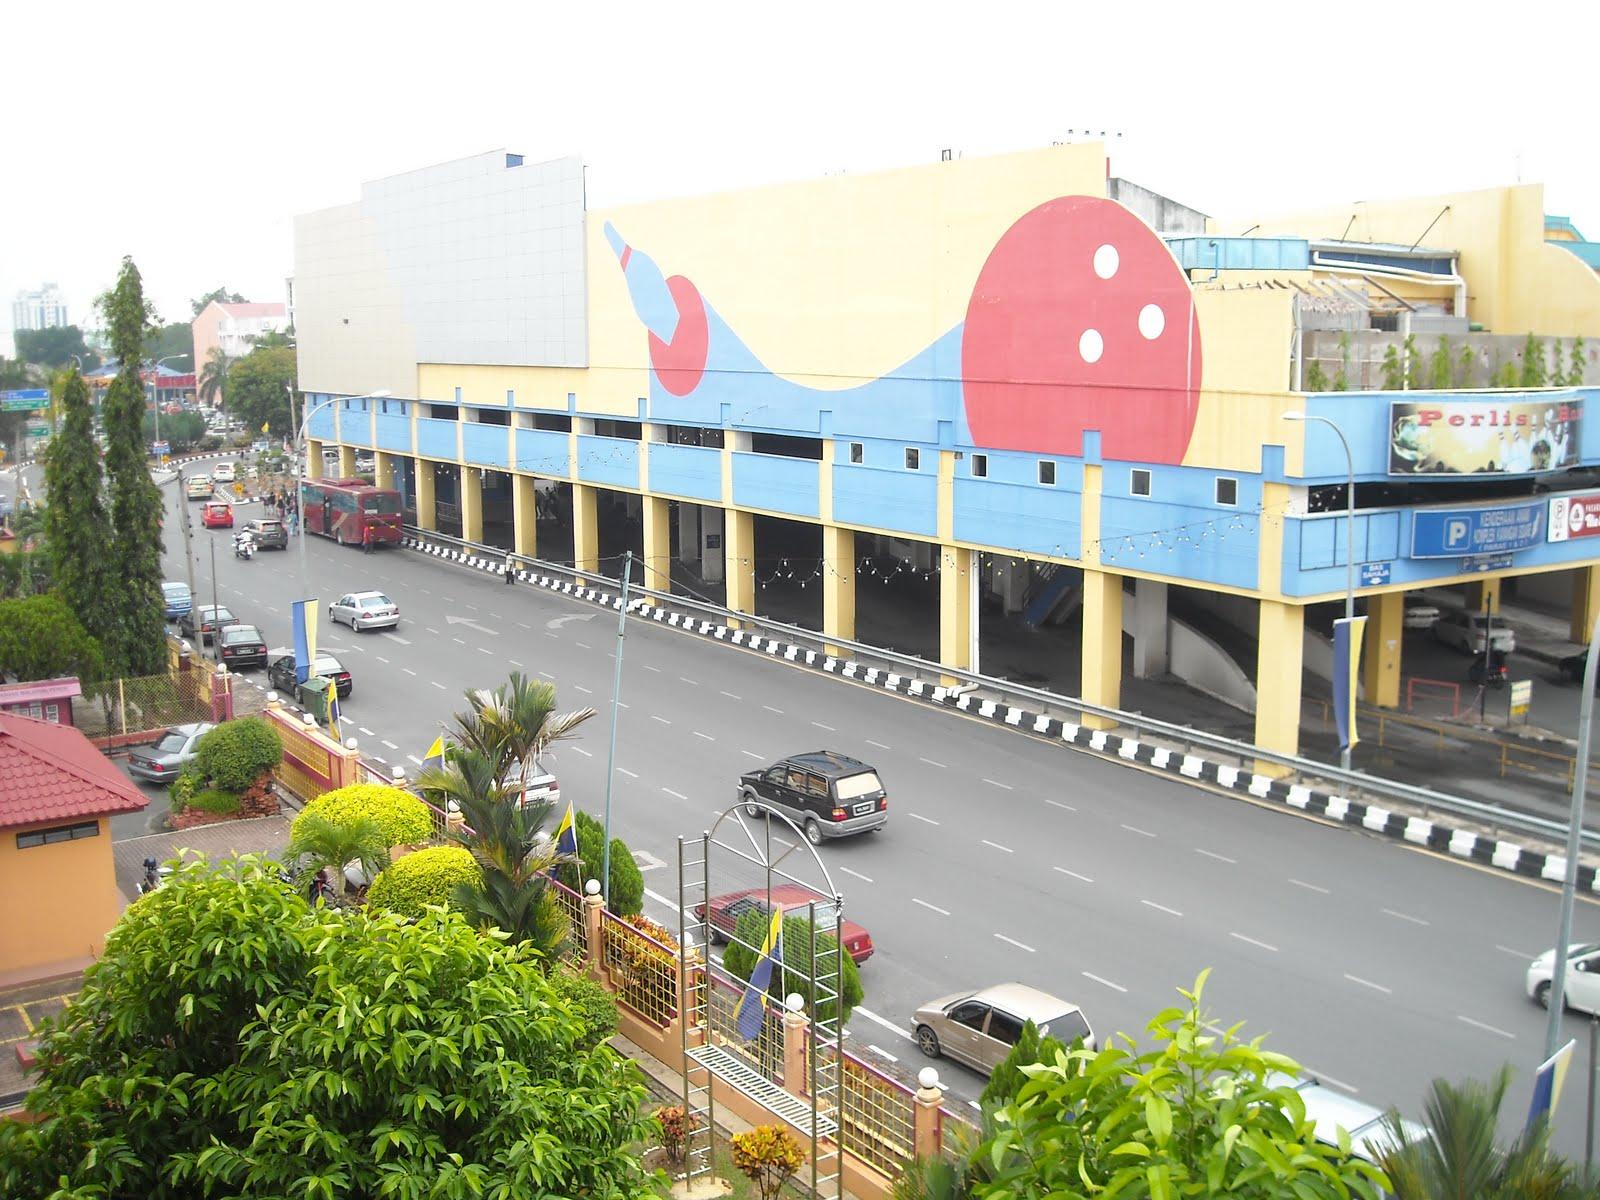 Bandar Kangar Turut